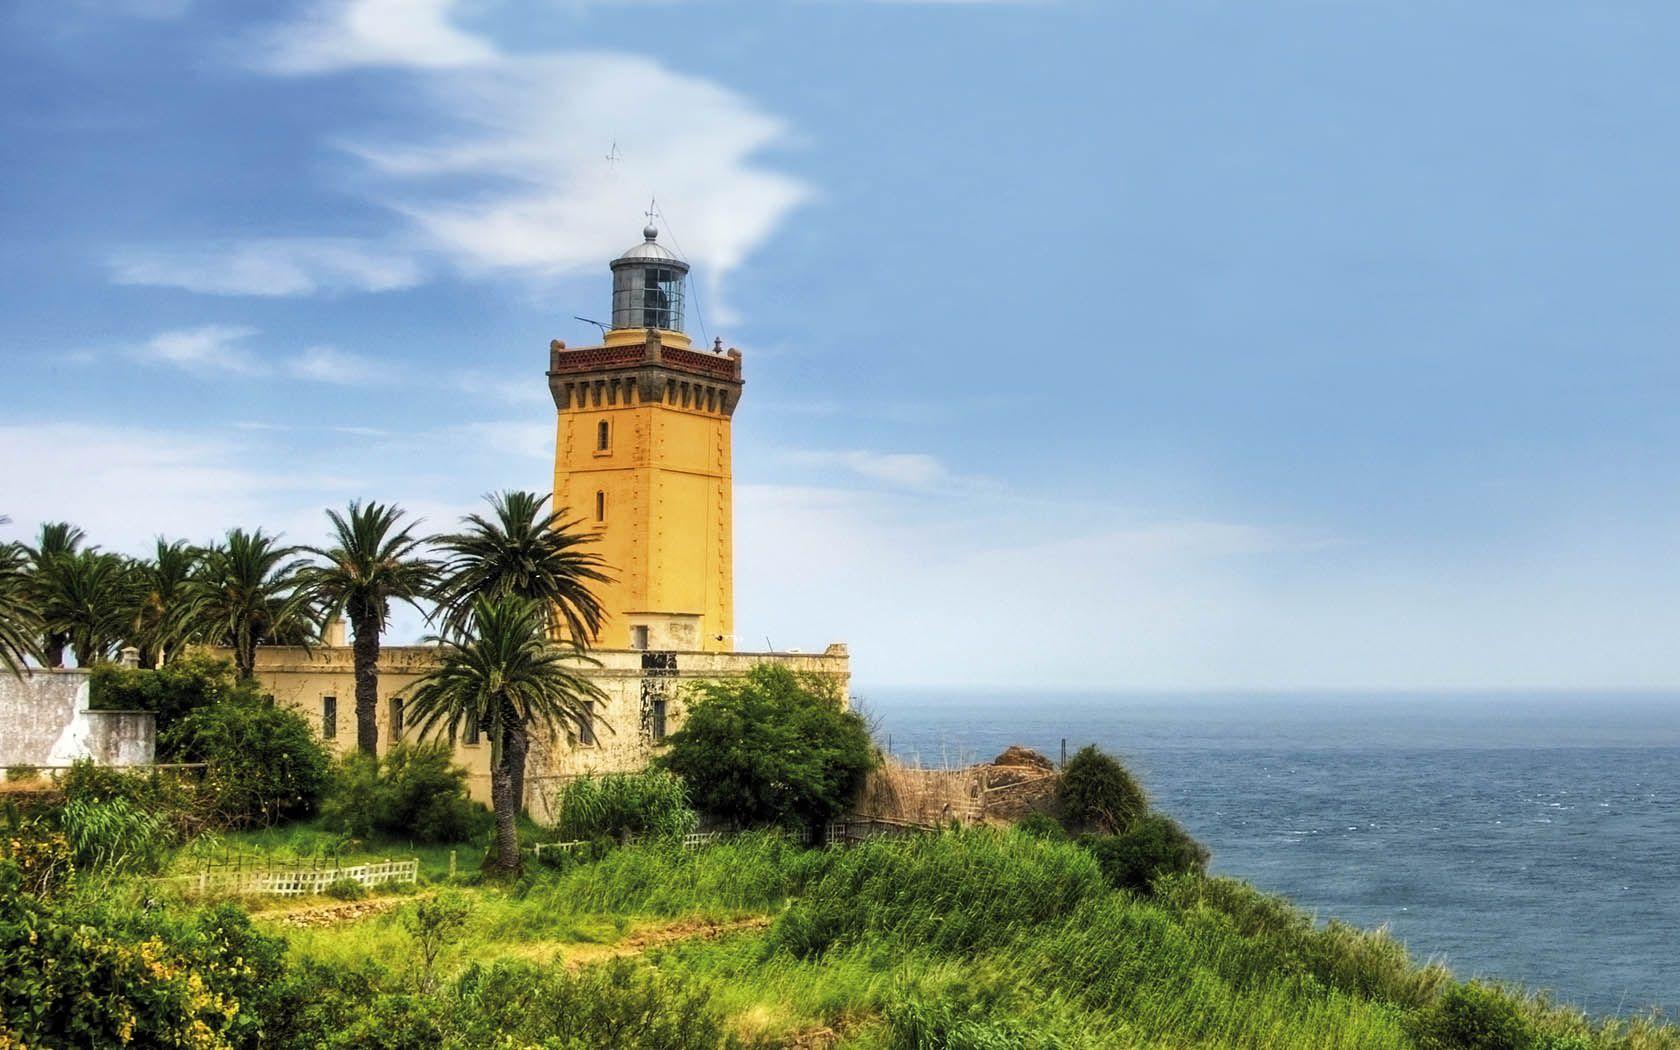 السياحة في طنجة 8 أماكن تقترح جمالها على زوار المدينة Tanger Marruecos Vacaciones